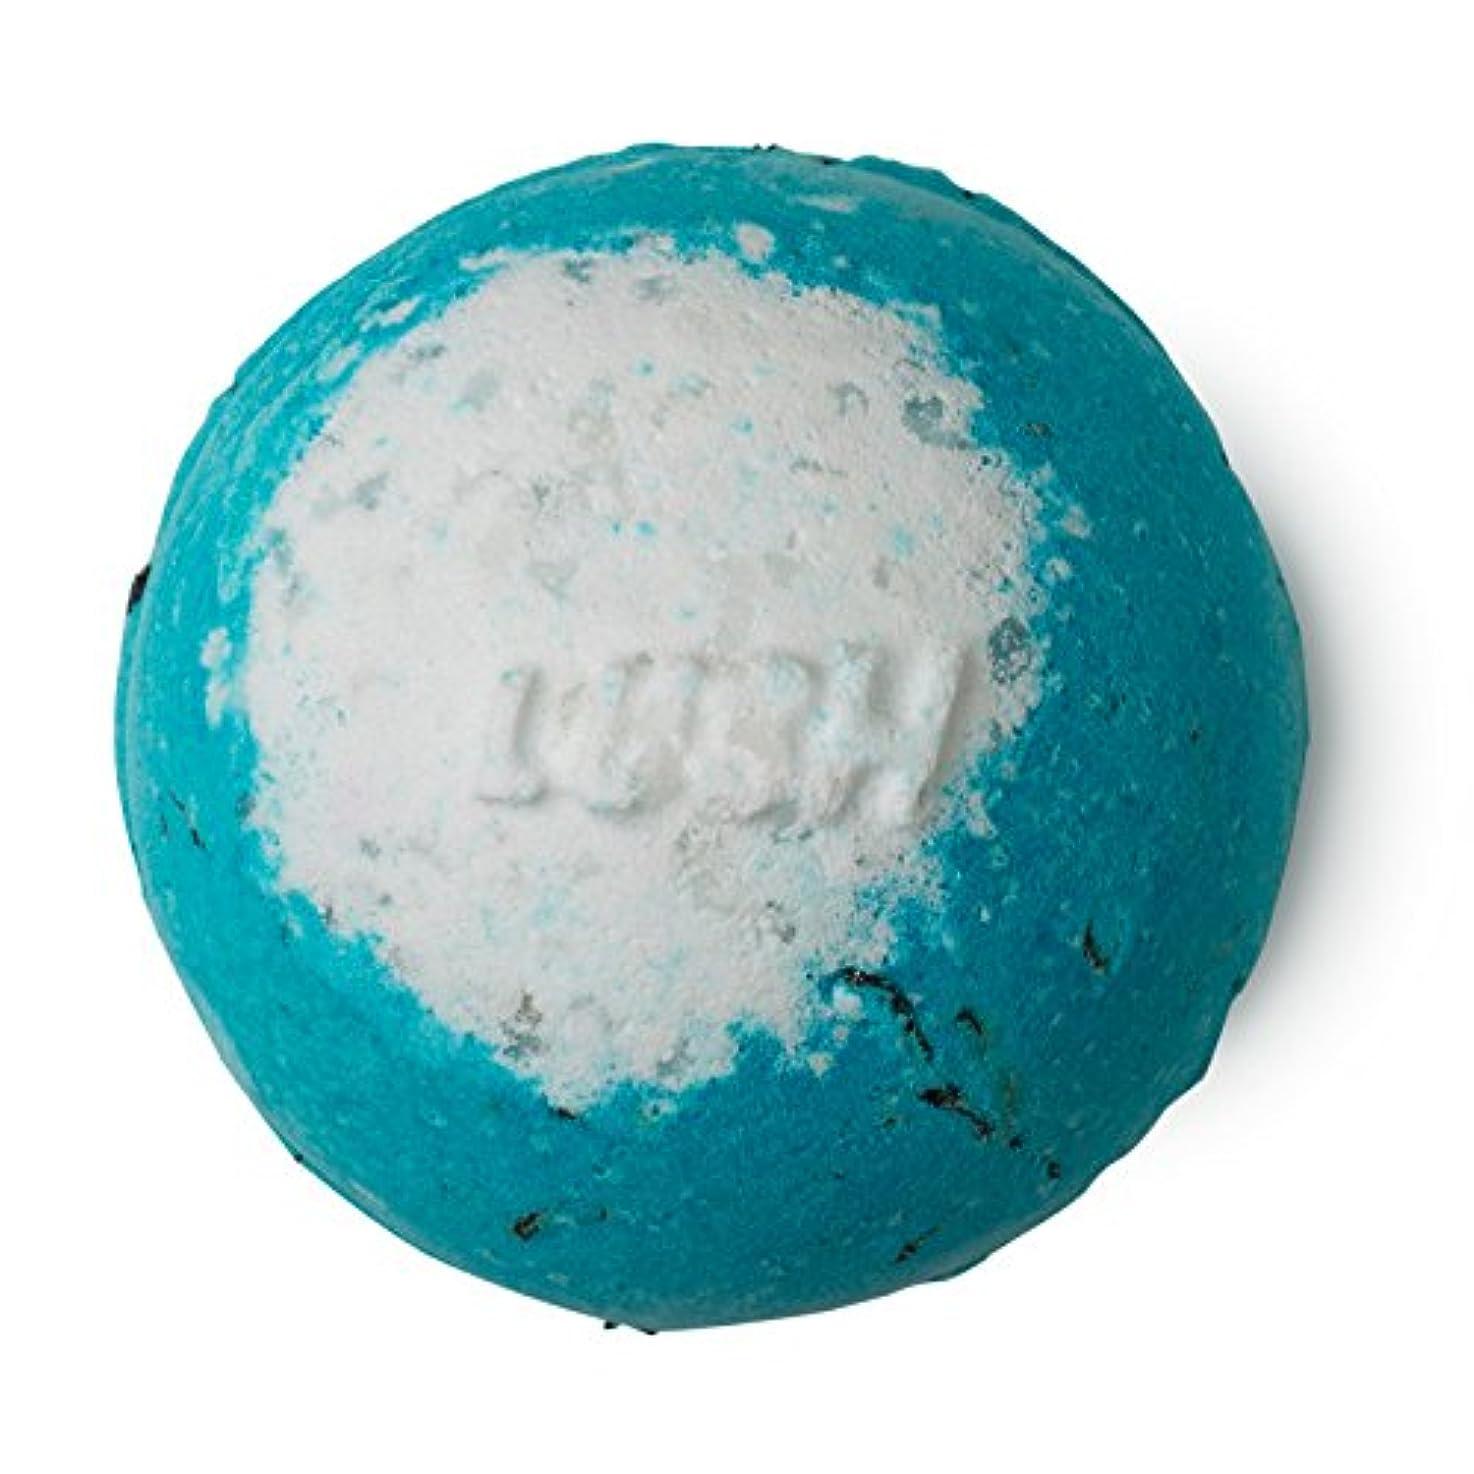 オリエンタル断言するコットンLUSH ラッシュ RUSHラッシュ 200g バスボム 浴用 シーソルト 入浴剤 ラベンダーオイル 入浴剤 ギフト